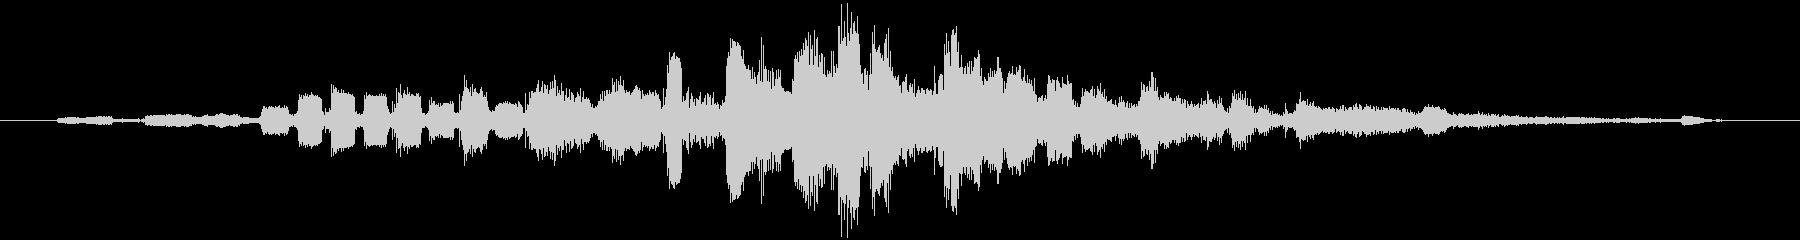 音楽の移行;ジャズアンサンブルフェ...の未再生の波形